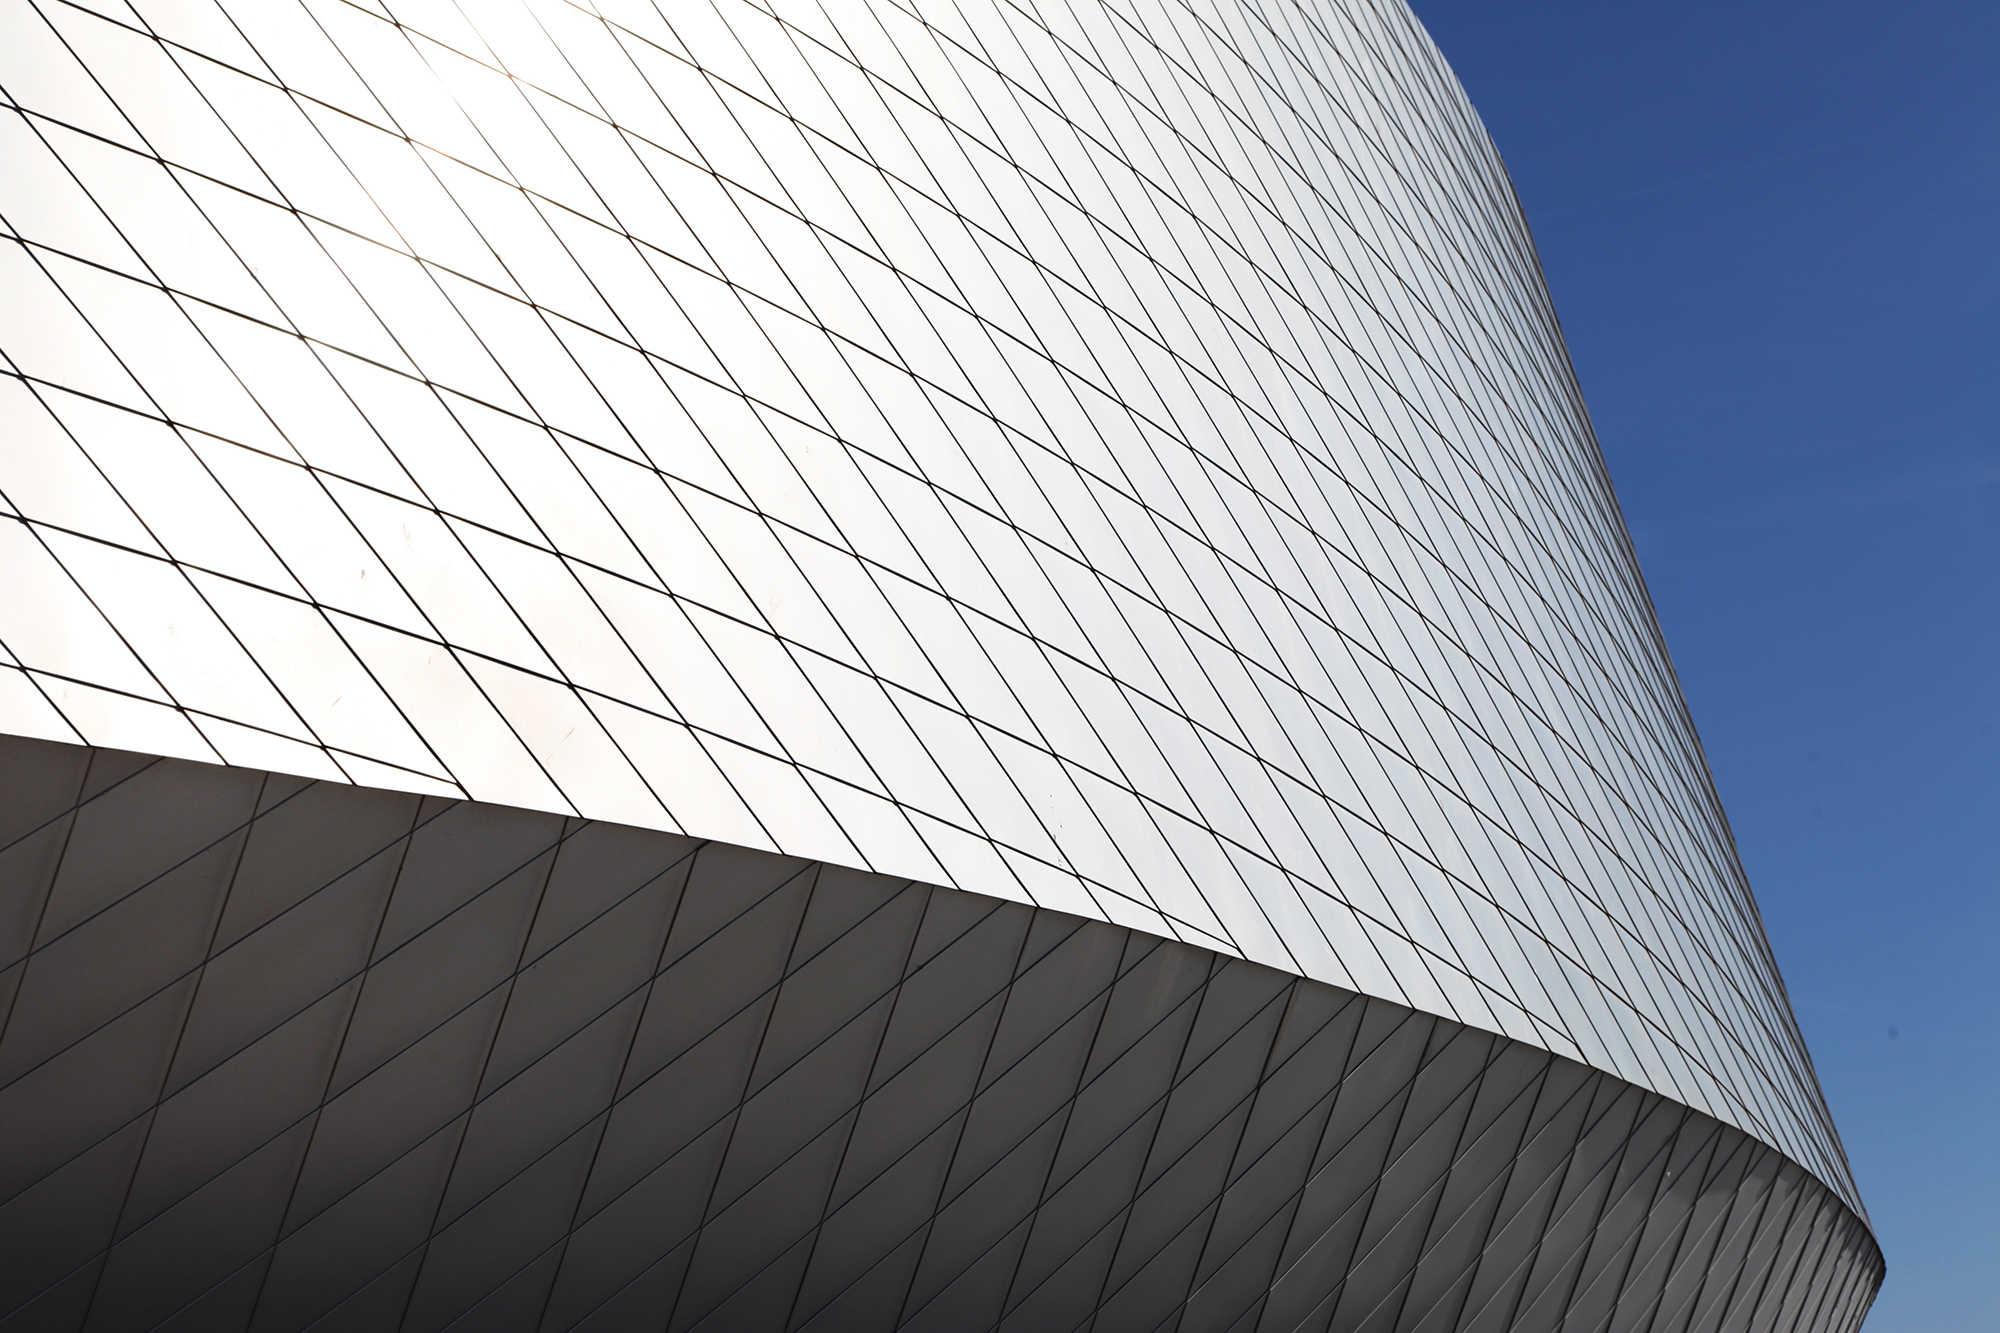 Man kommer heller ikke utenom den fantastiske arkitekturen! Akvariet er en virkelig flott bygning.